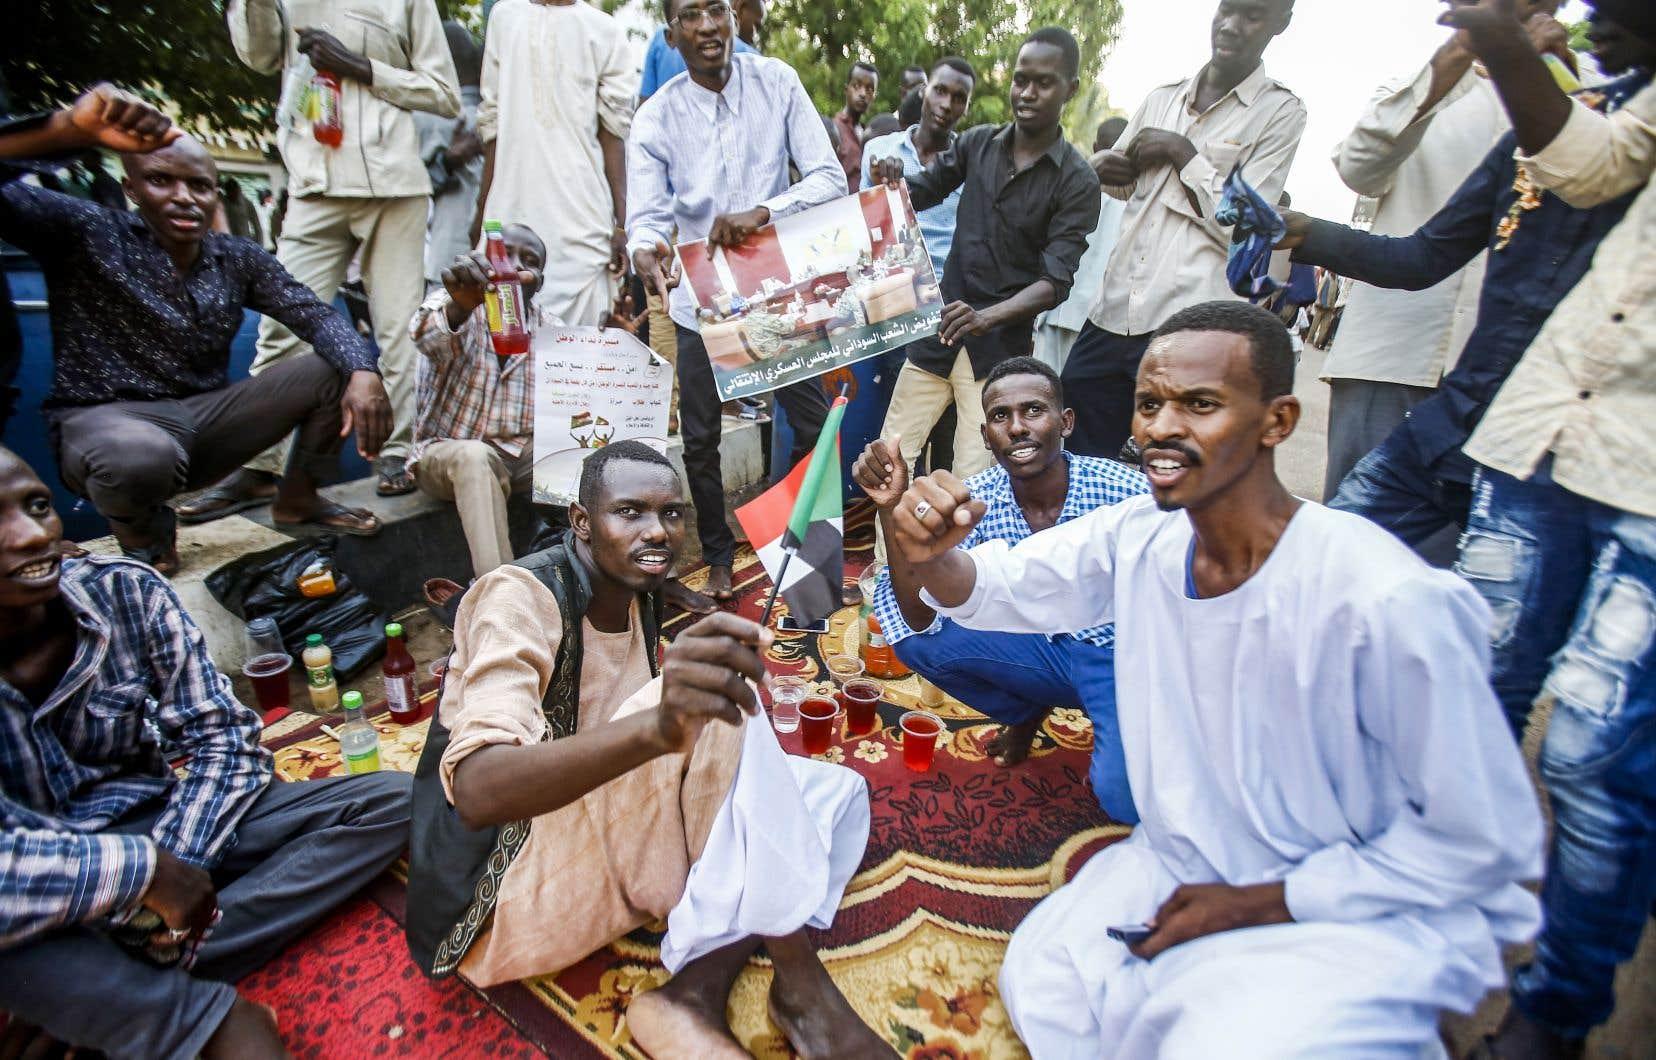 Les protestataires exigent que le Conseil militaire cède le pouvoir aux civils pour assurer une «transition démocratique» après le renversement par l'armée du président Omar el-Béchir le 11avril, à la faveur d'un soulèvement populaire inédit.